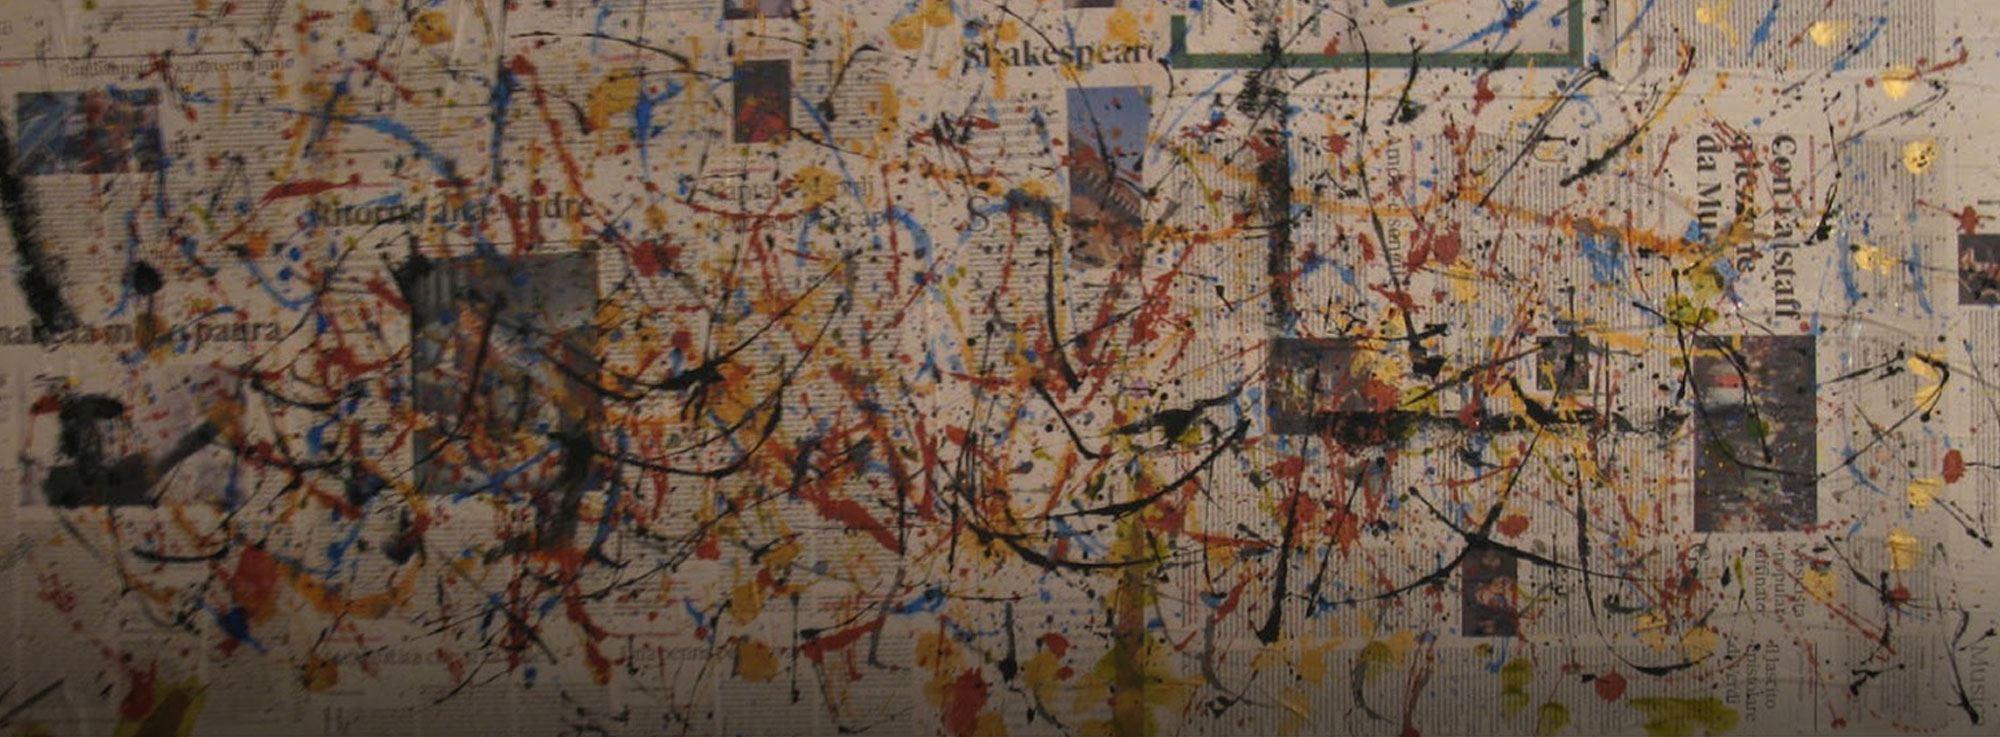 Barletta: COME POSSO, Collettiva di arte contemporanea